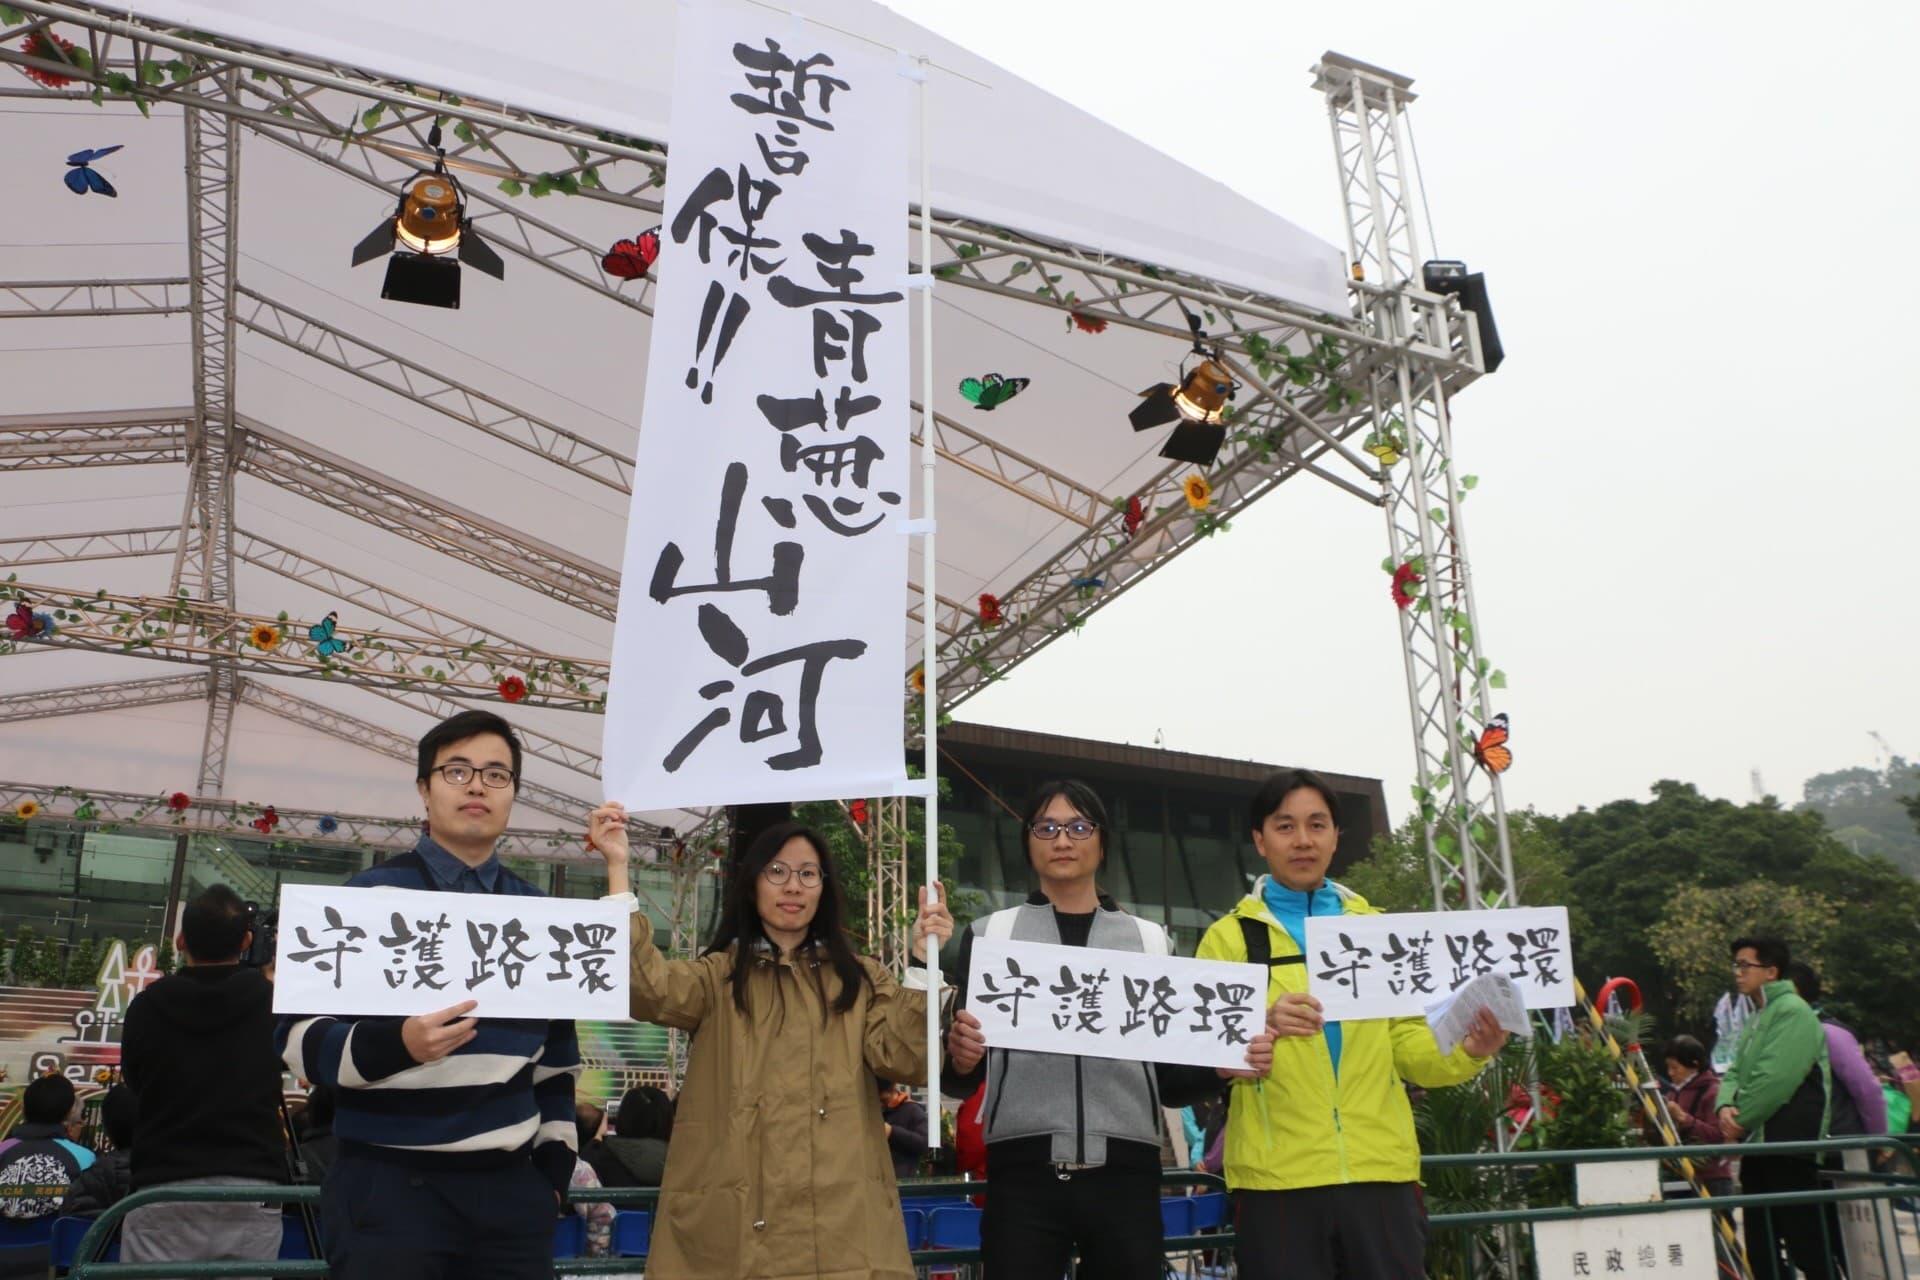 「我地.規劃」成員在民署綠化週發起聯署活動,要求政府以實際行動回應民間訴求。